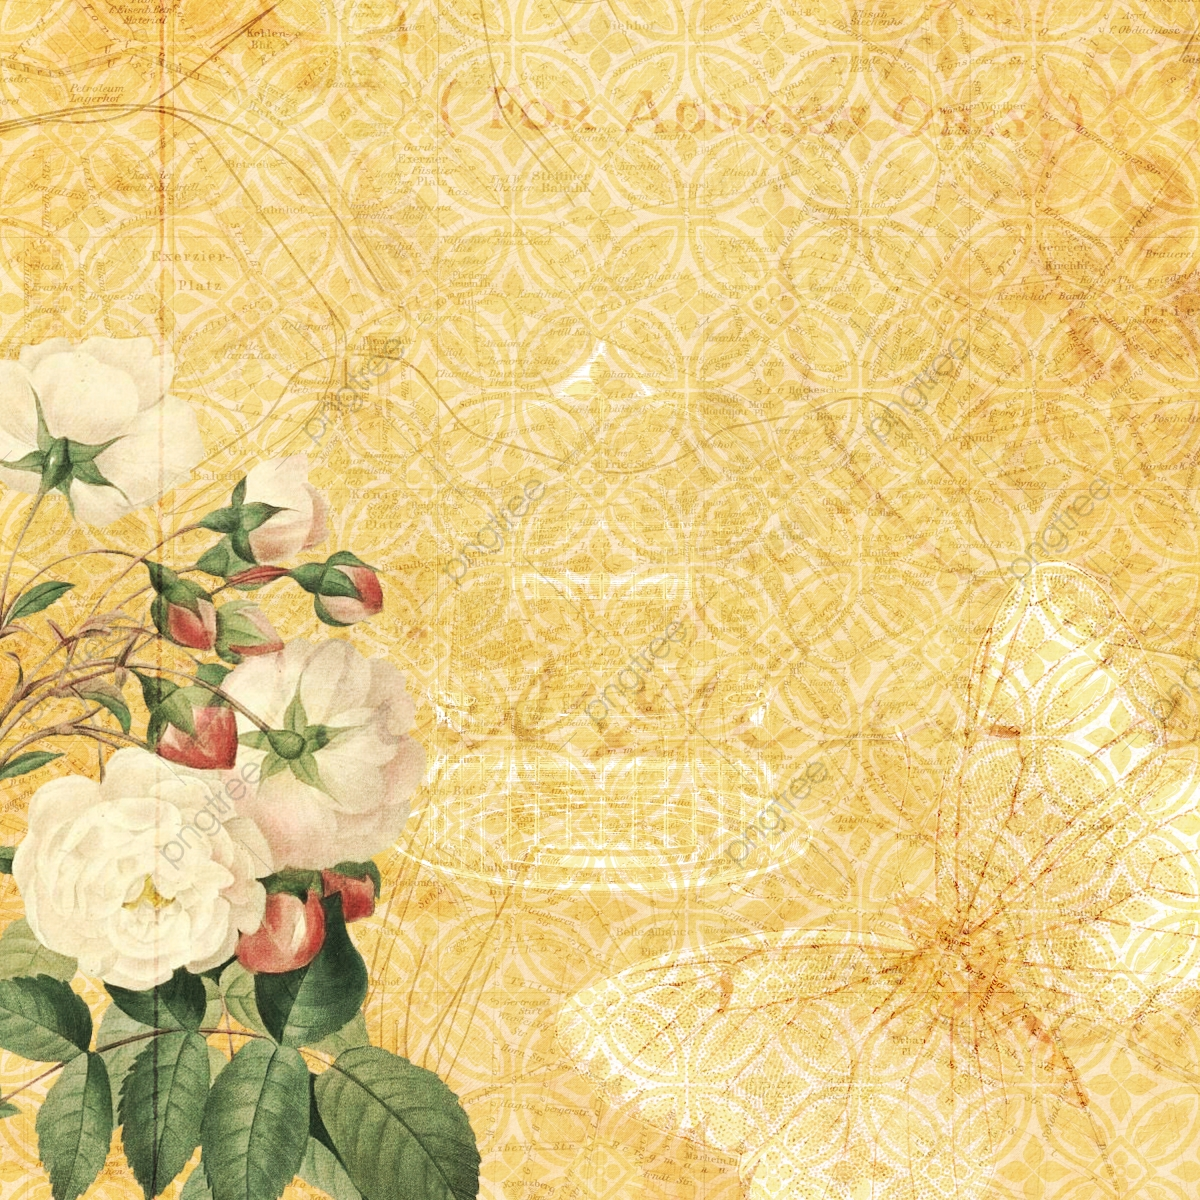 Vintage Floral Wallpaper Background Vintage Floral Floral Png Transparent Clipart Image And Psd File For Free Download